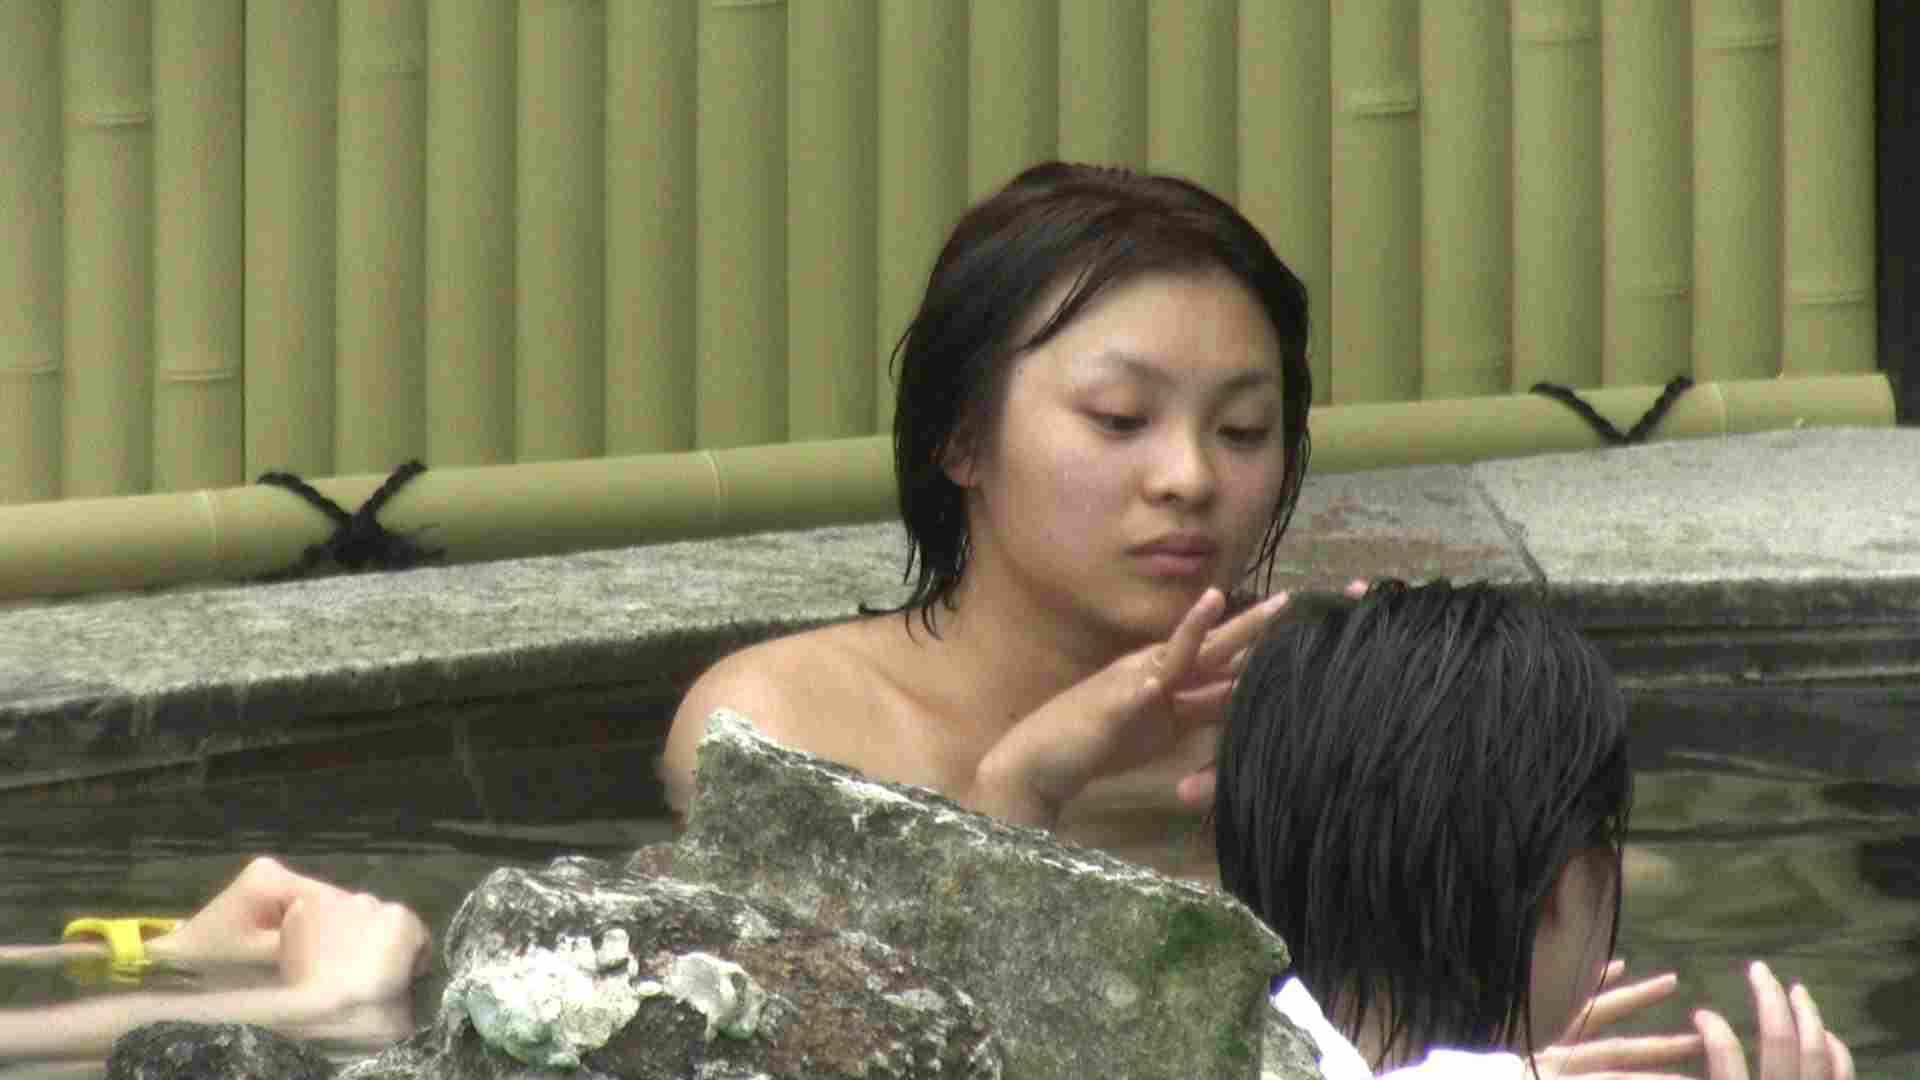 Aquaな露天風呂Vol.181 盗撮 | 露天  105pic 11